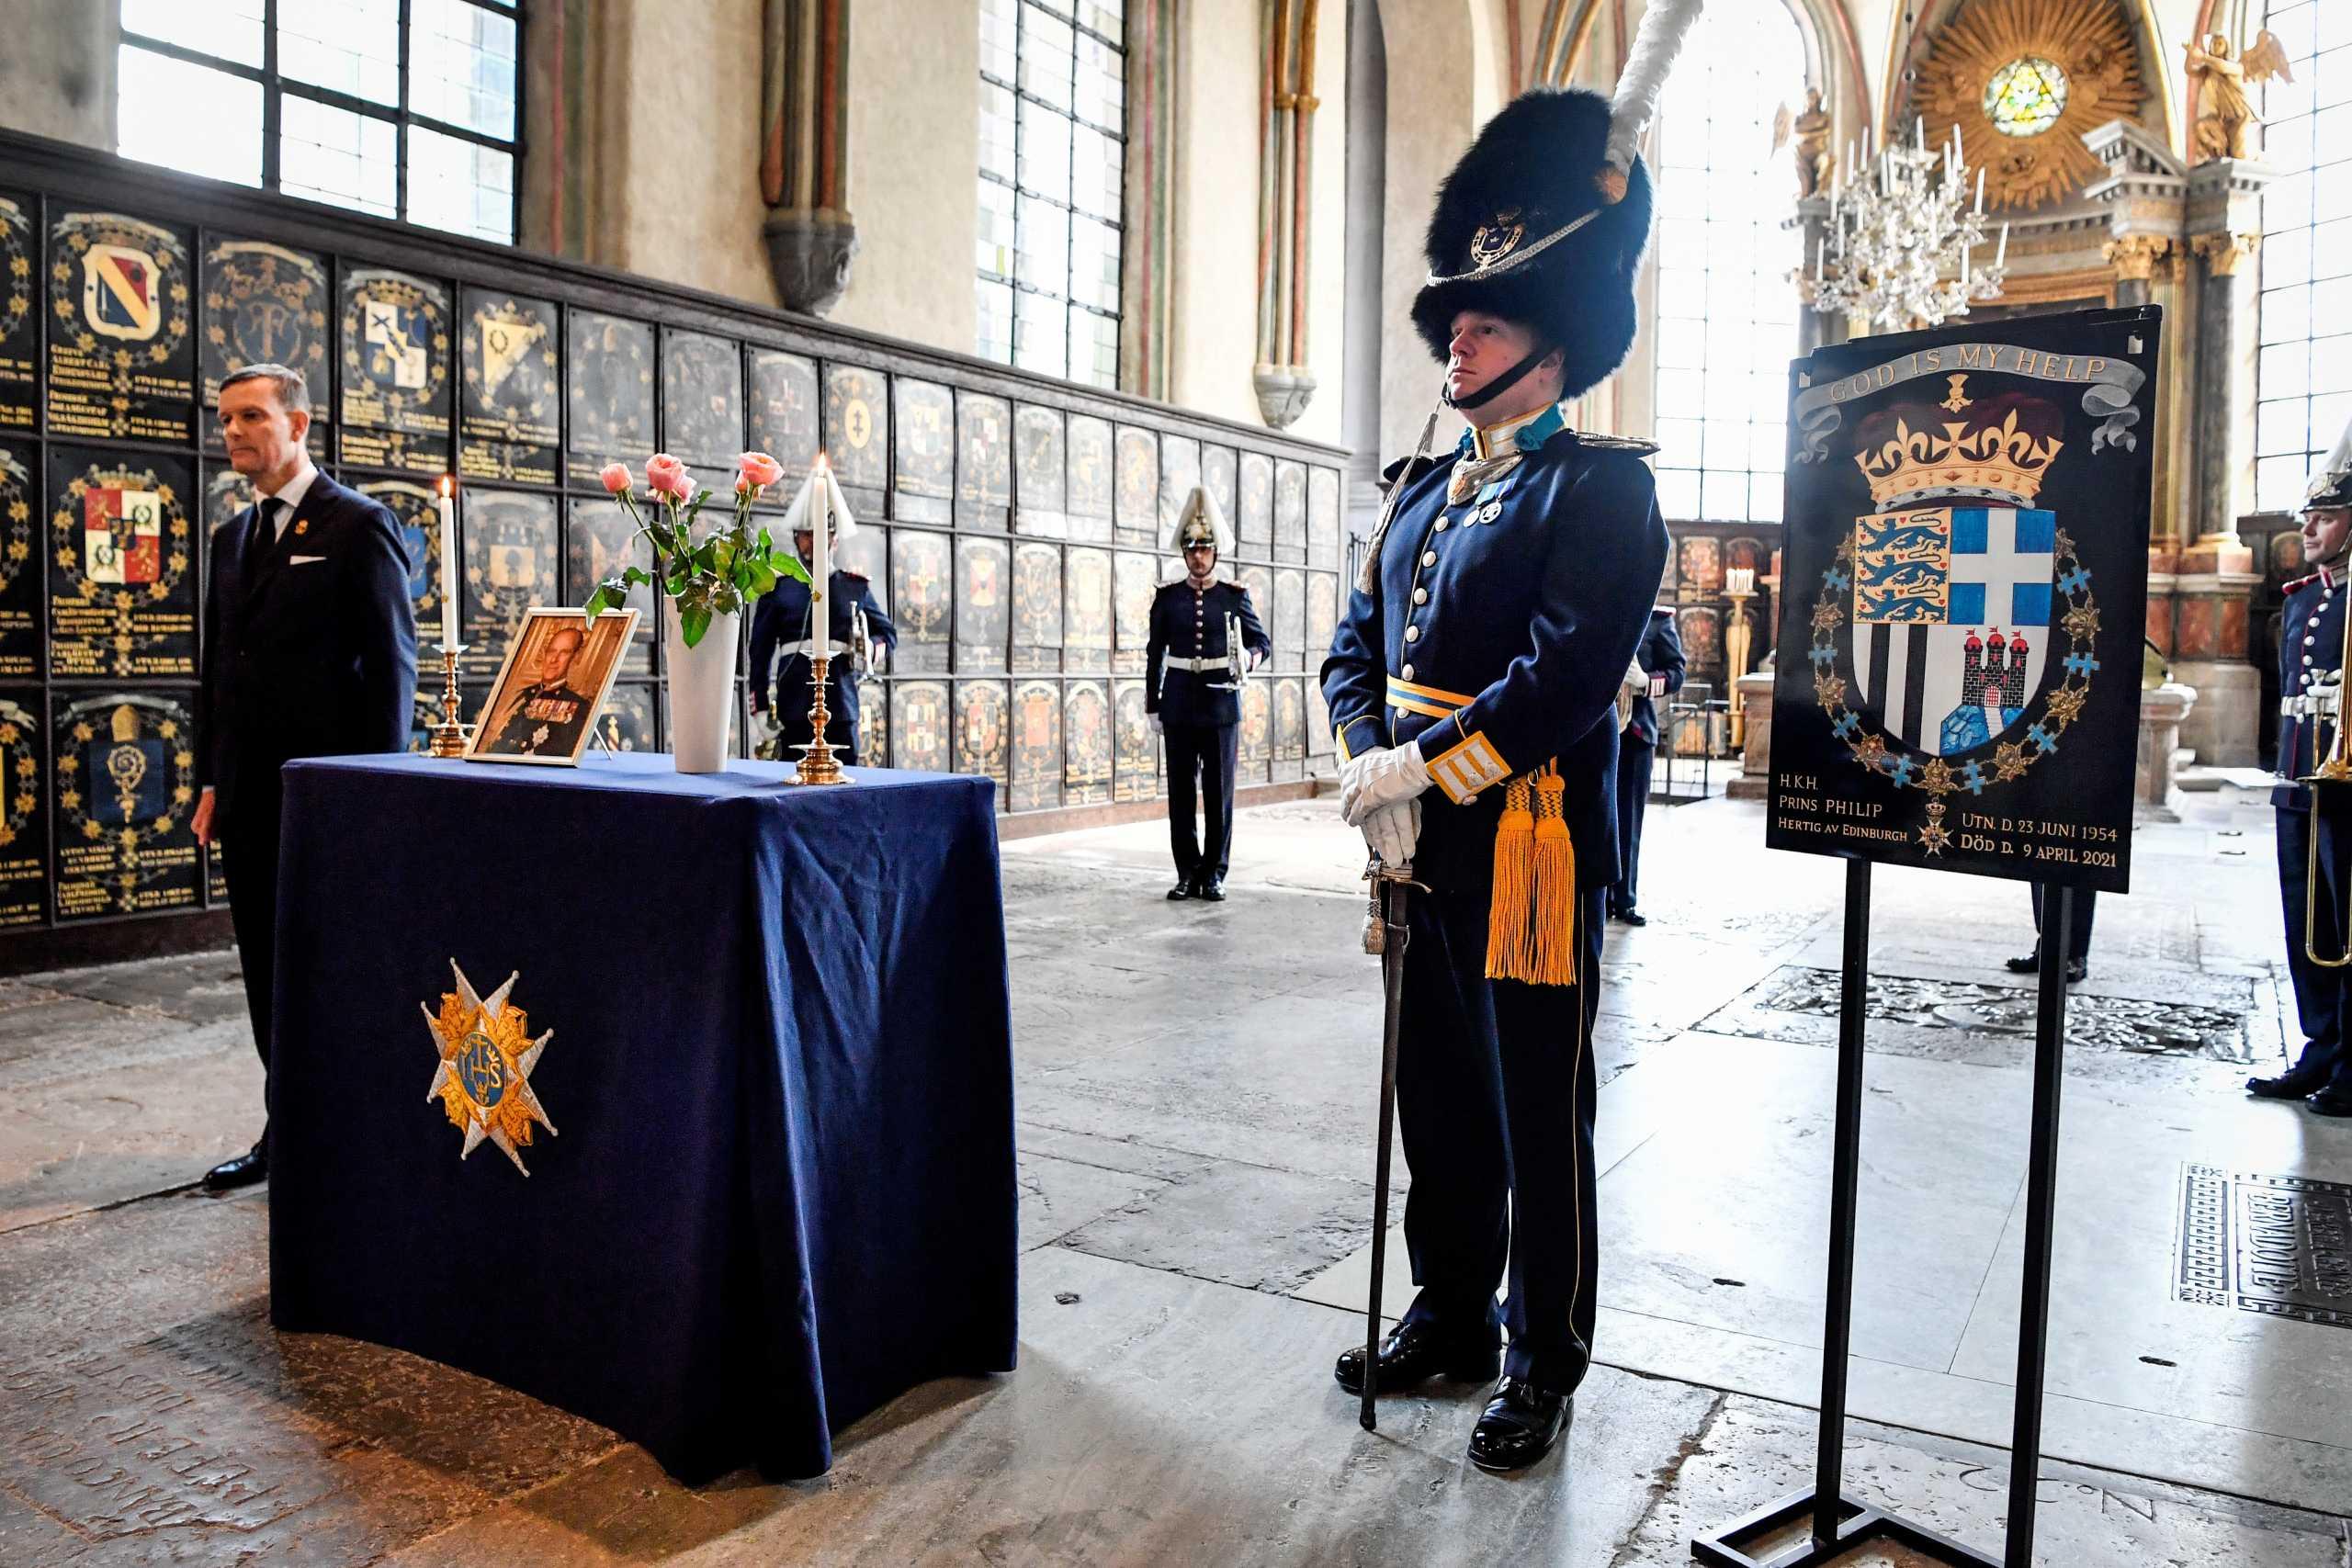 Πρίγκιπας Φίλιππος: Οι τελευταίες ετοιμασίες για την κηδεία μέσα στο παρεκκλήσι του Αγίου Γεωργίου (pics)